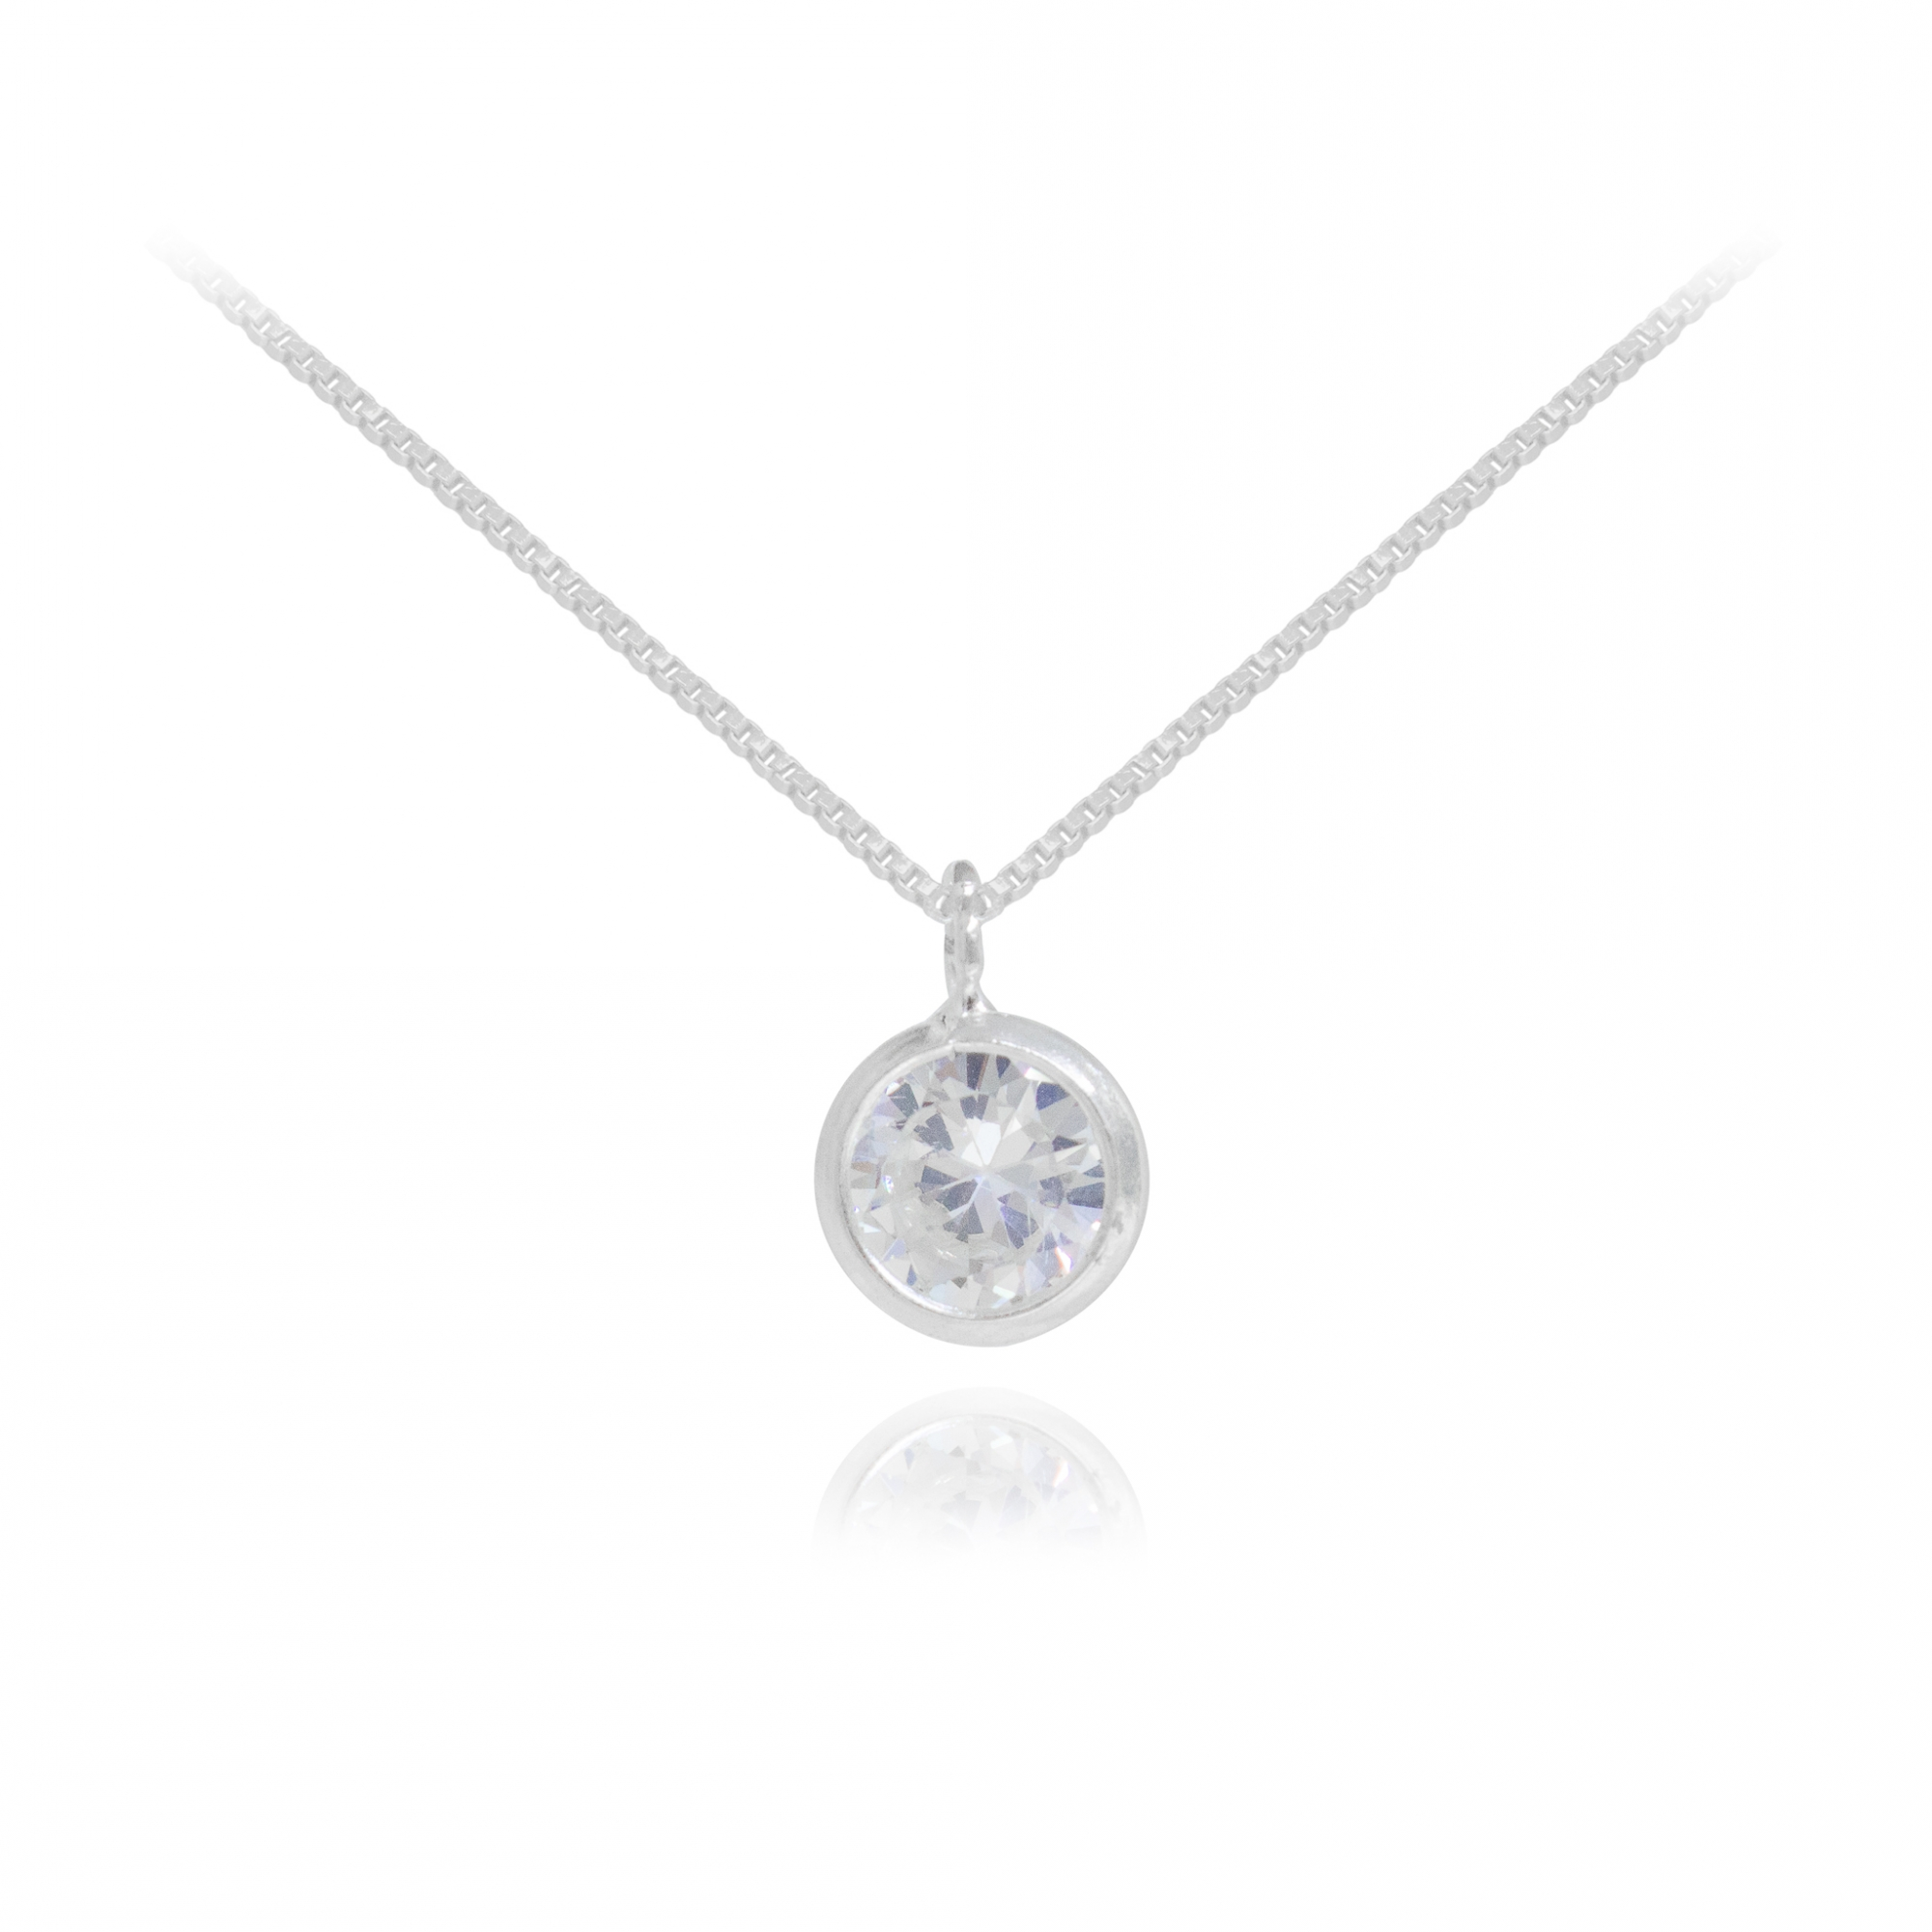 Colar joia em prata 925 maciça com ponto de luz de zircônia